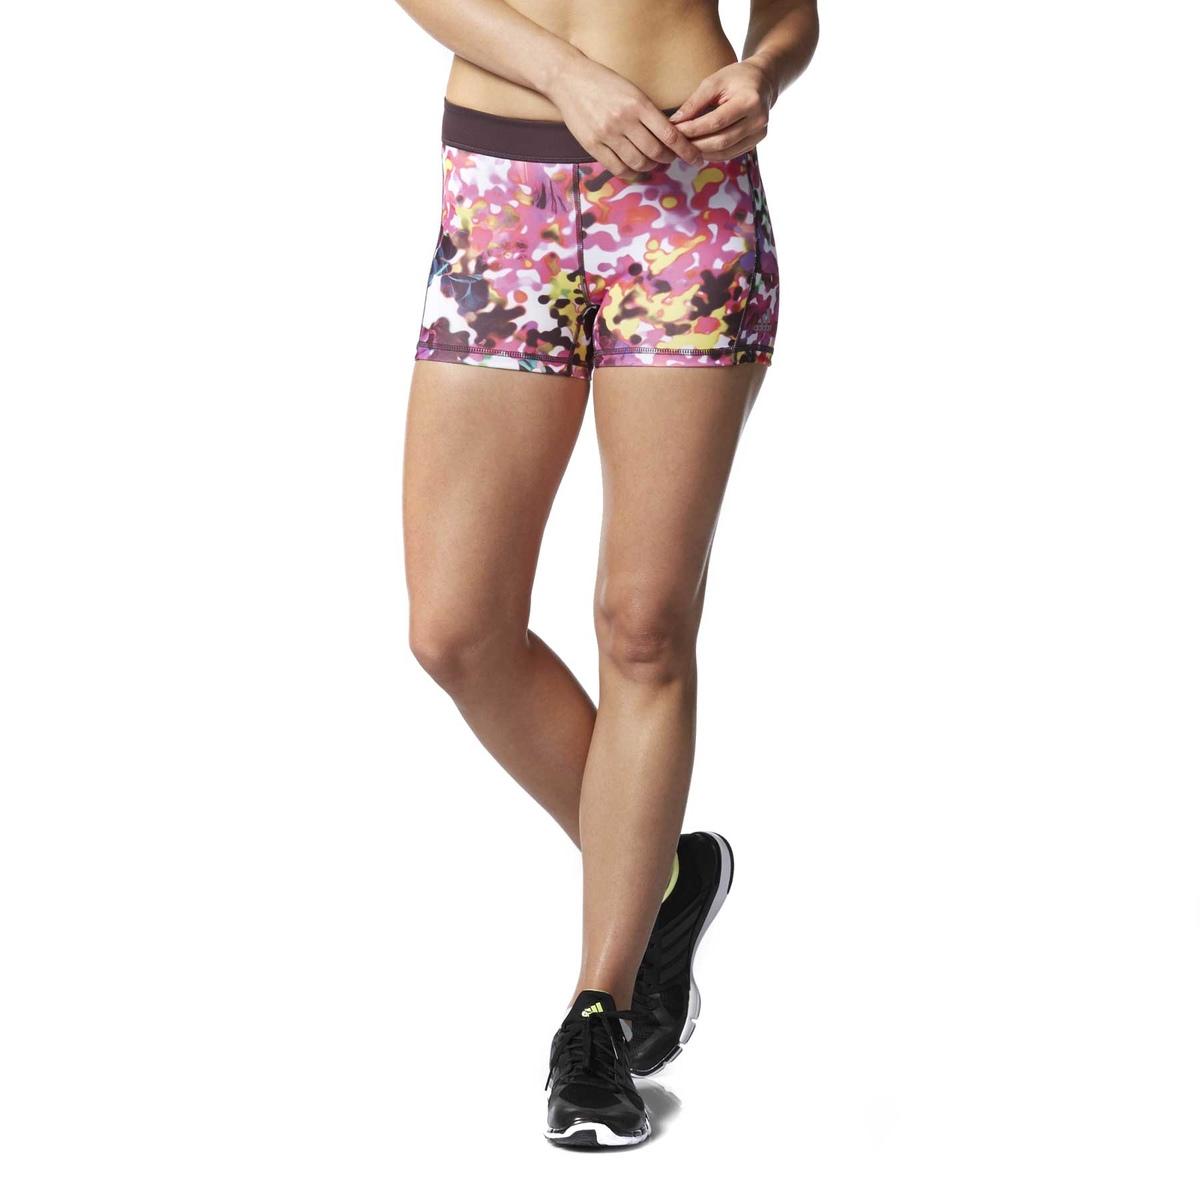 Pantaloncino tight 3 floralprint donna